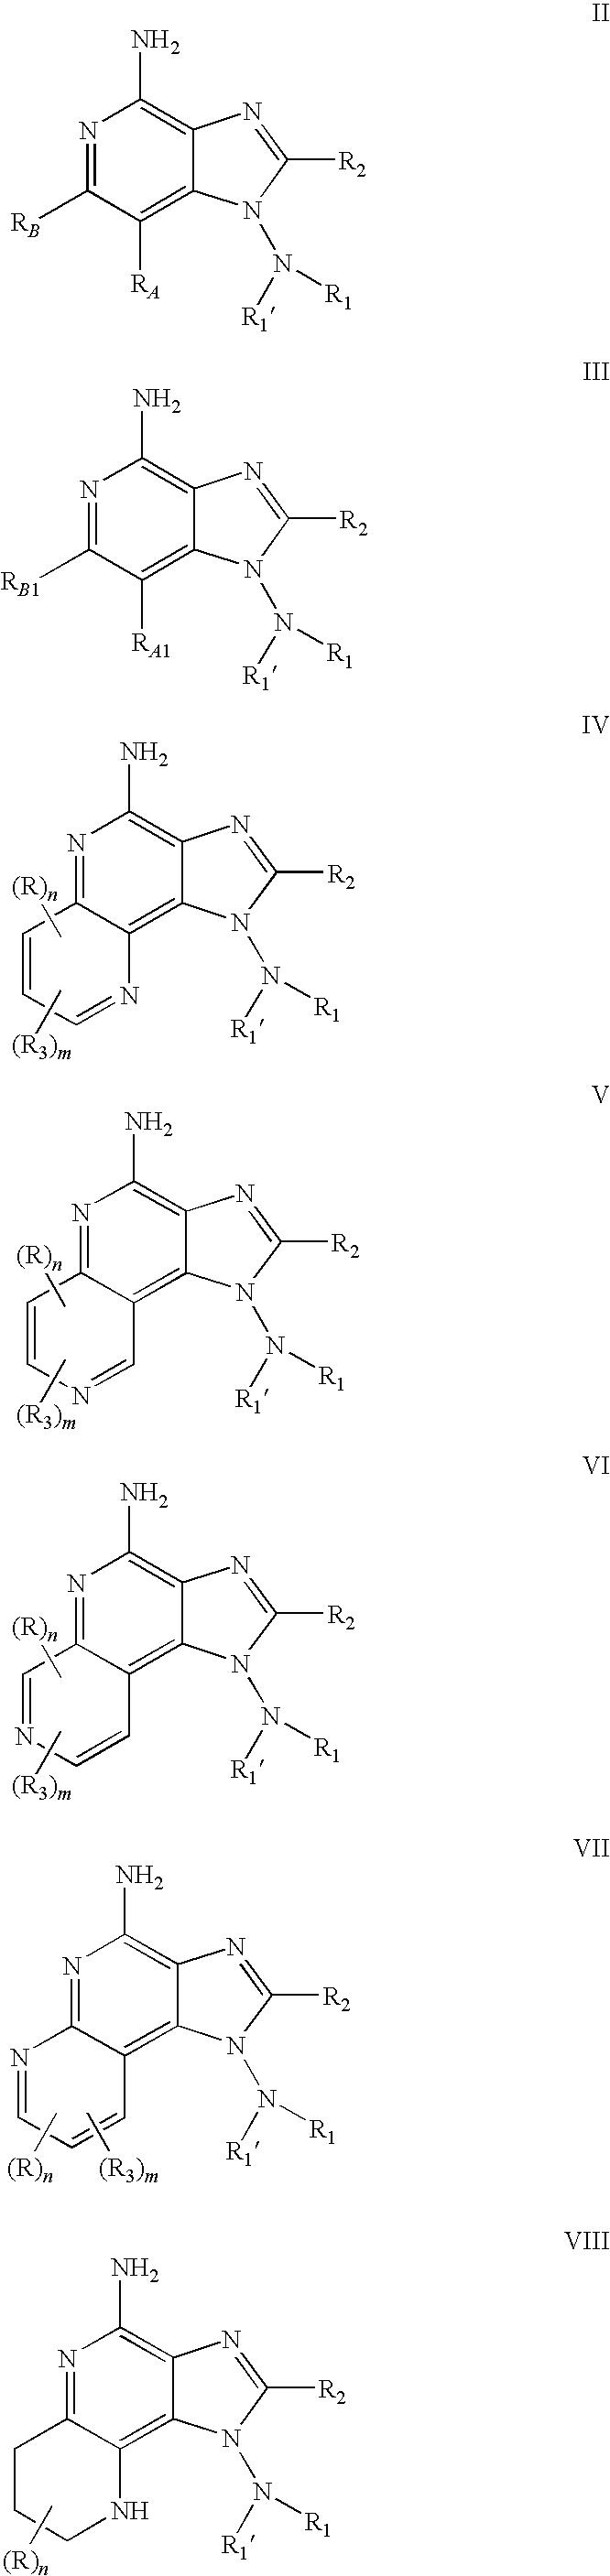 Figure US20090270443A1-20091029-C00002